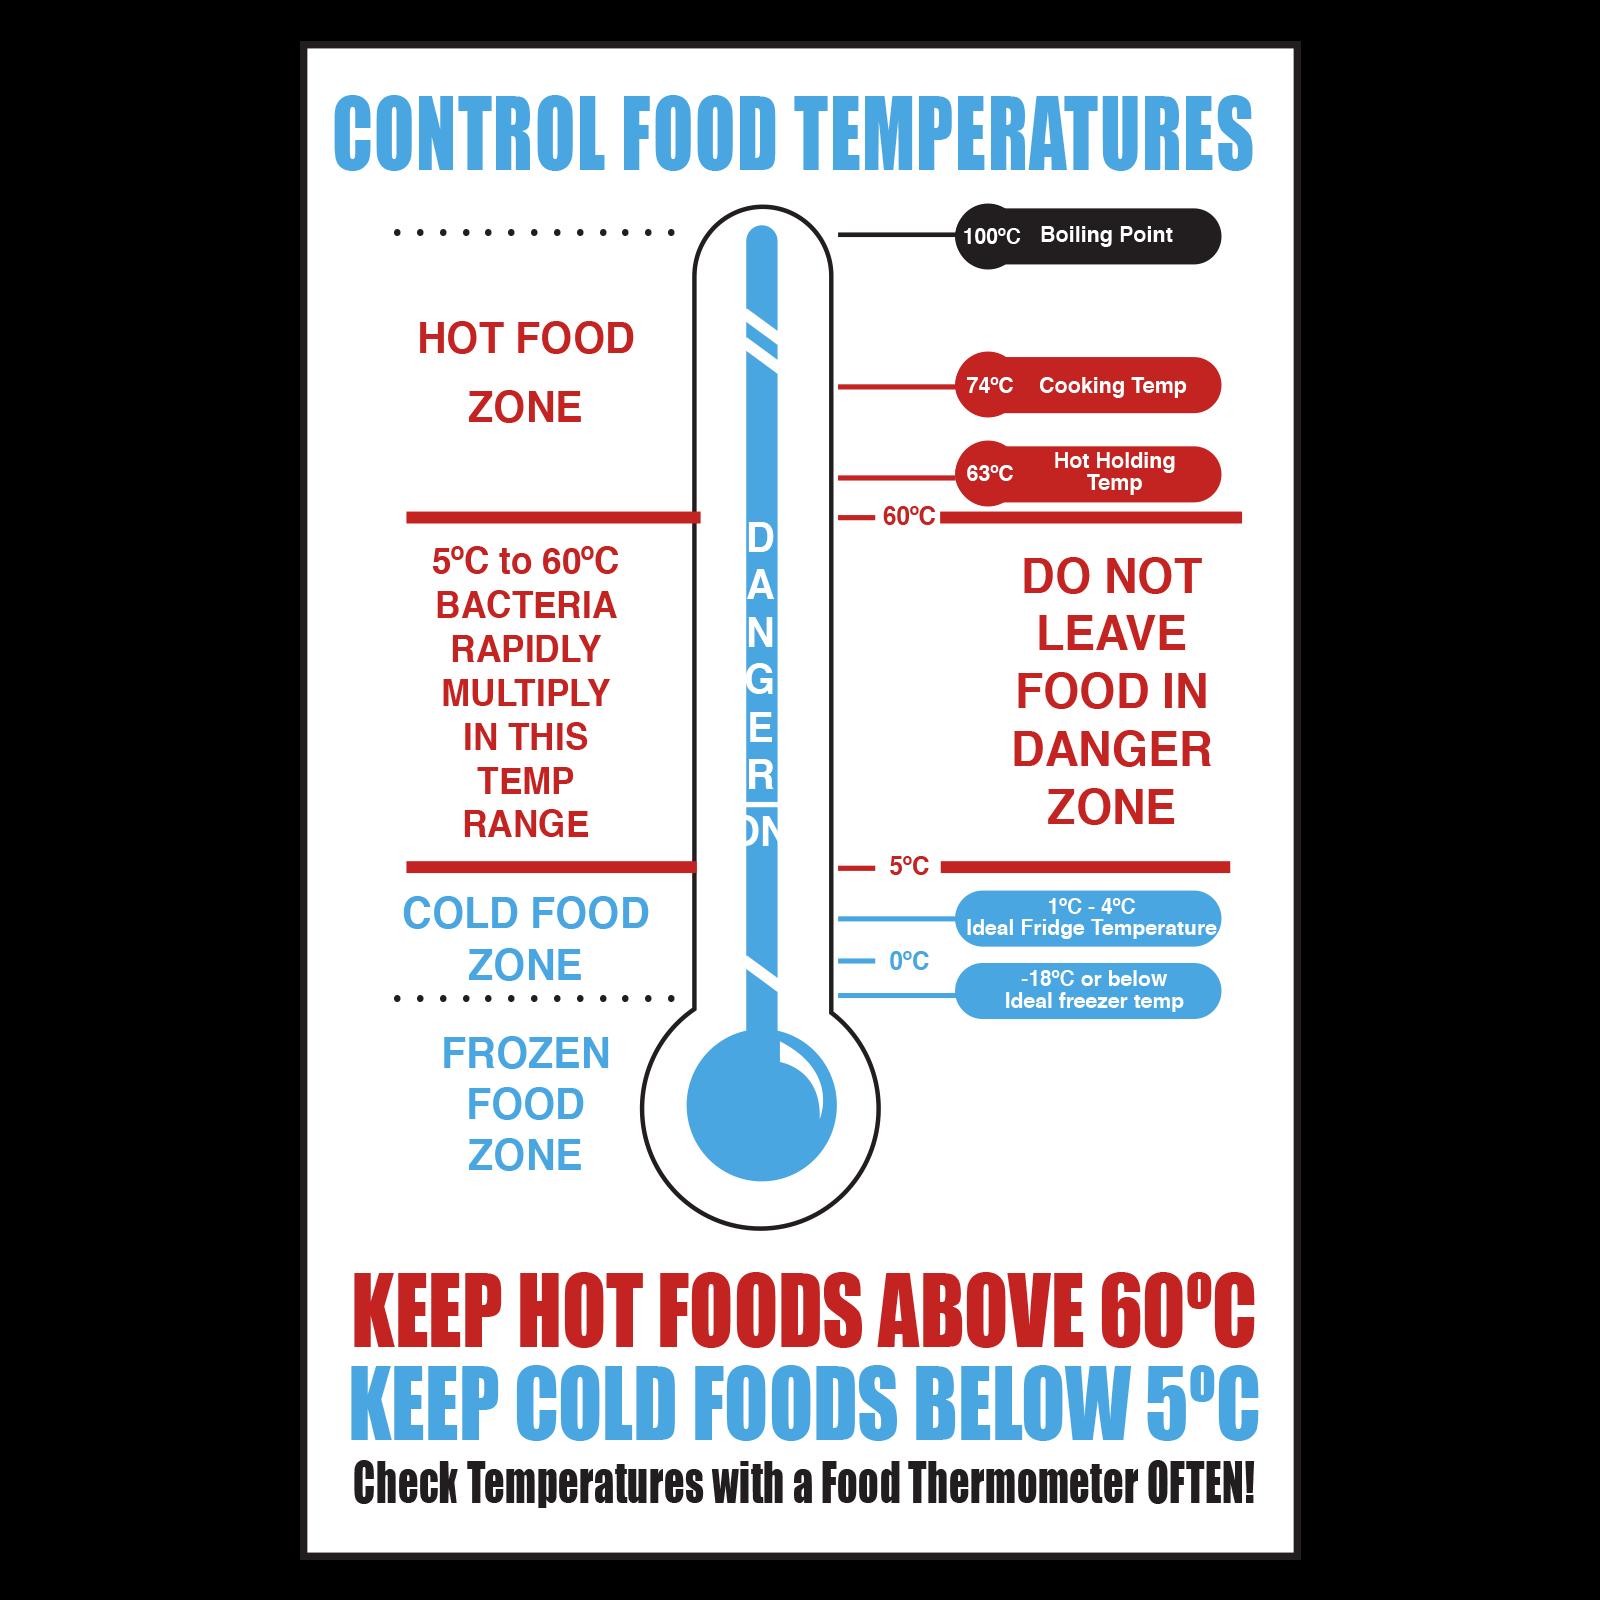 Control Food Temperatures Notice